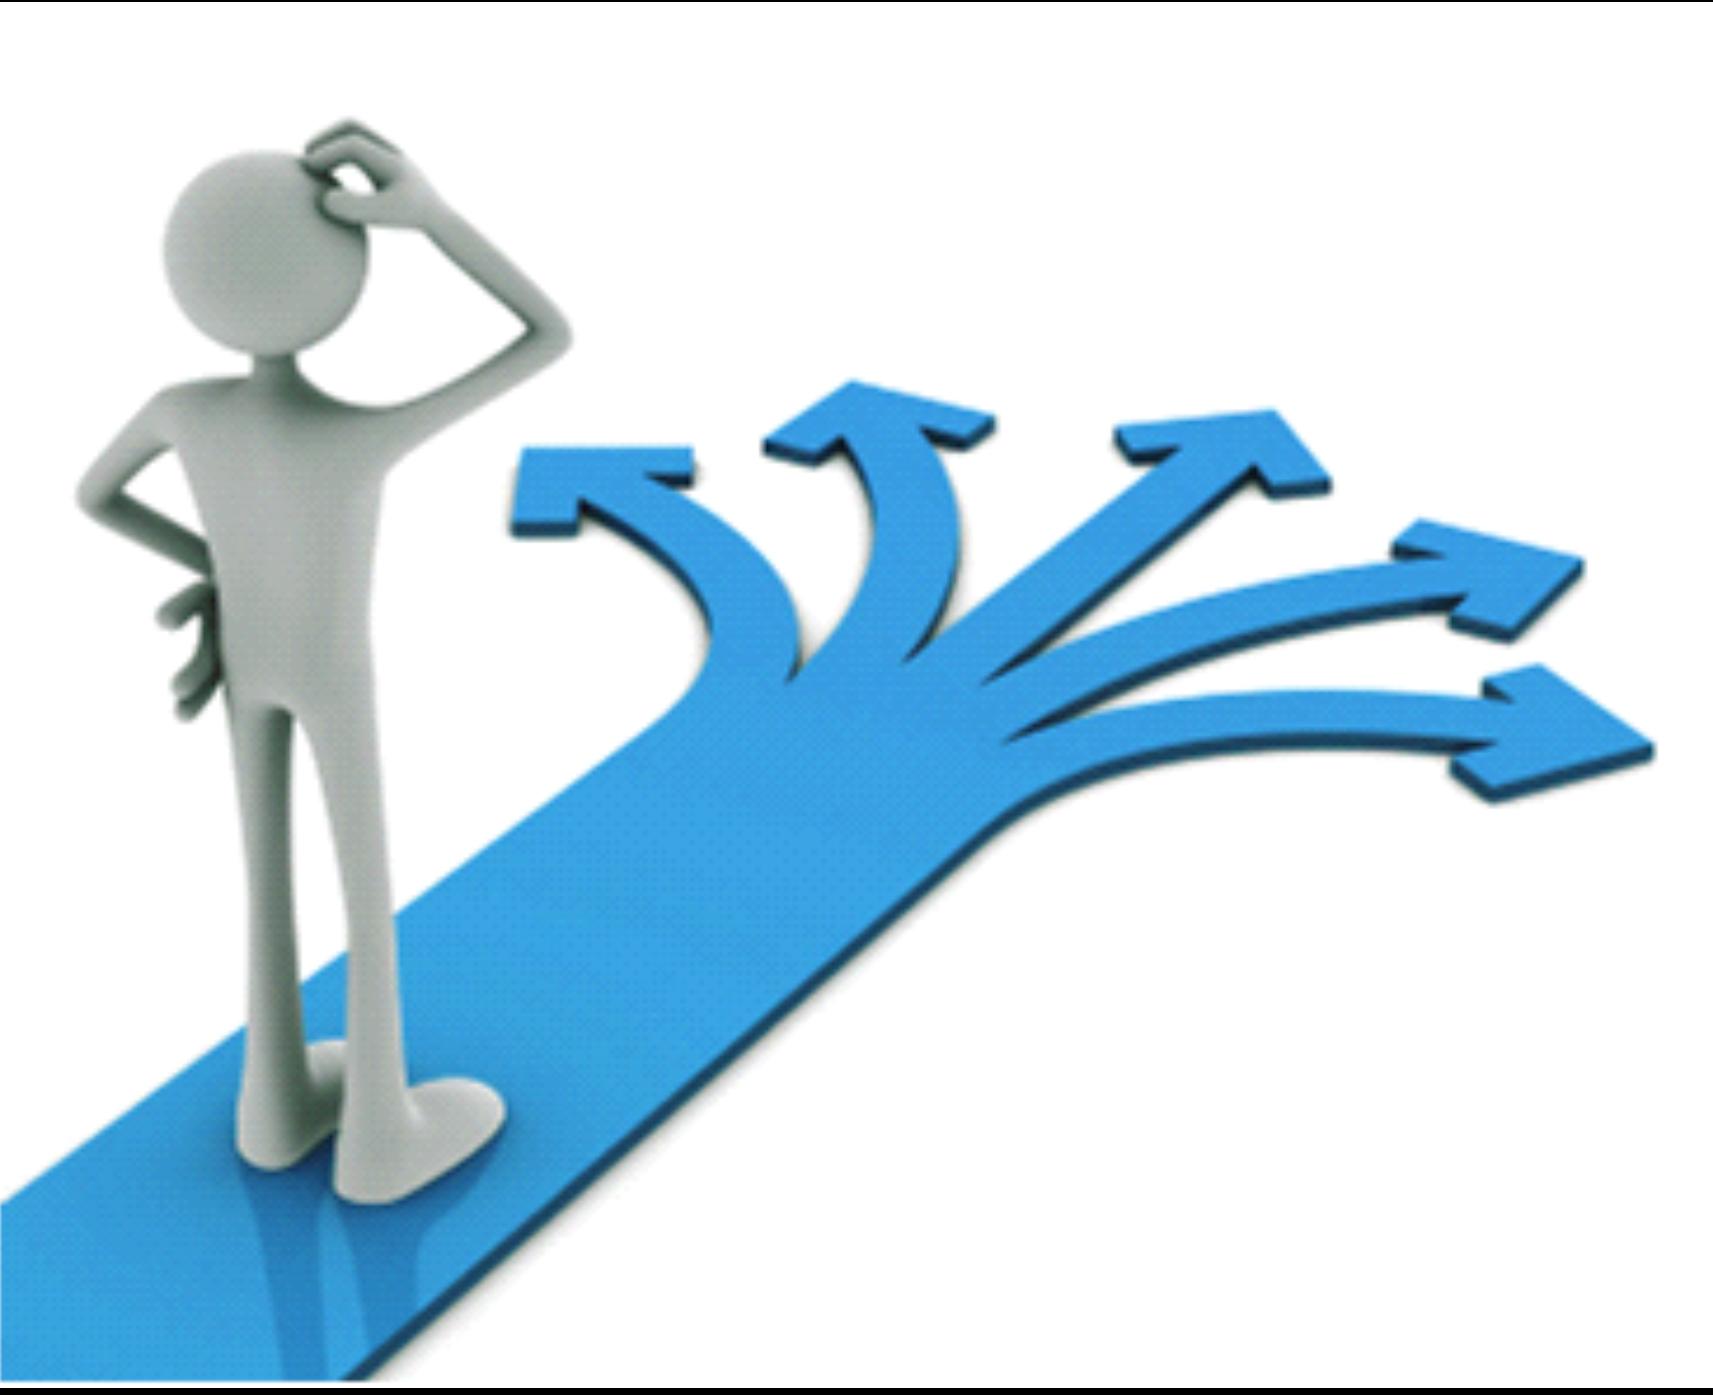 Tehnici moderne de evaluare a pesonalității în procesul de consiliere profesională și orientare în cariera medicală